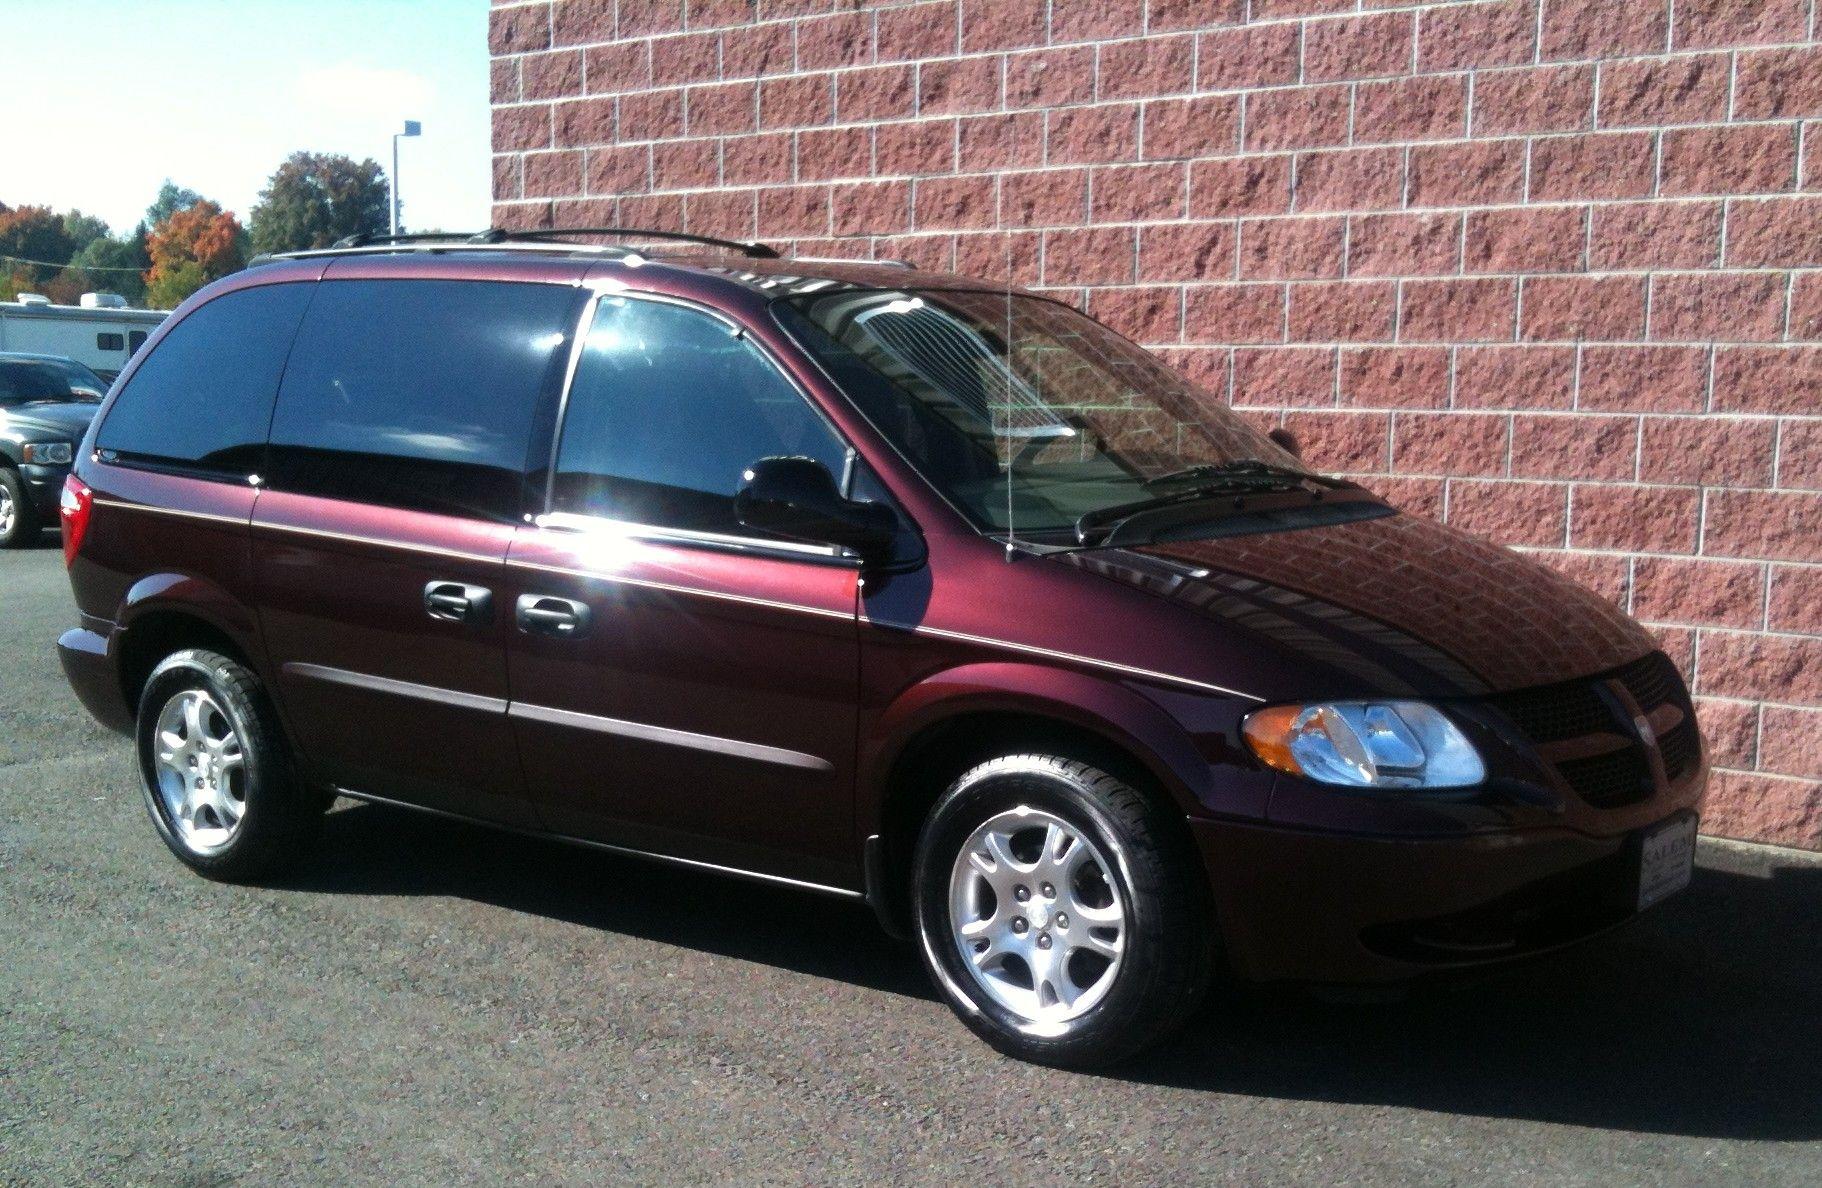 2003 Grand Caravan SE - $6,980  Salem Chrysler-Jeep-Dodge  1.888.594.9192